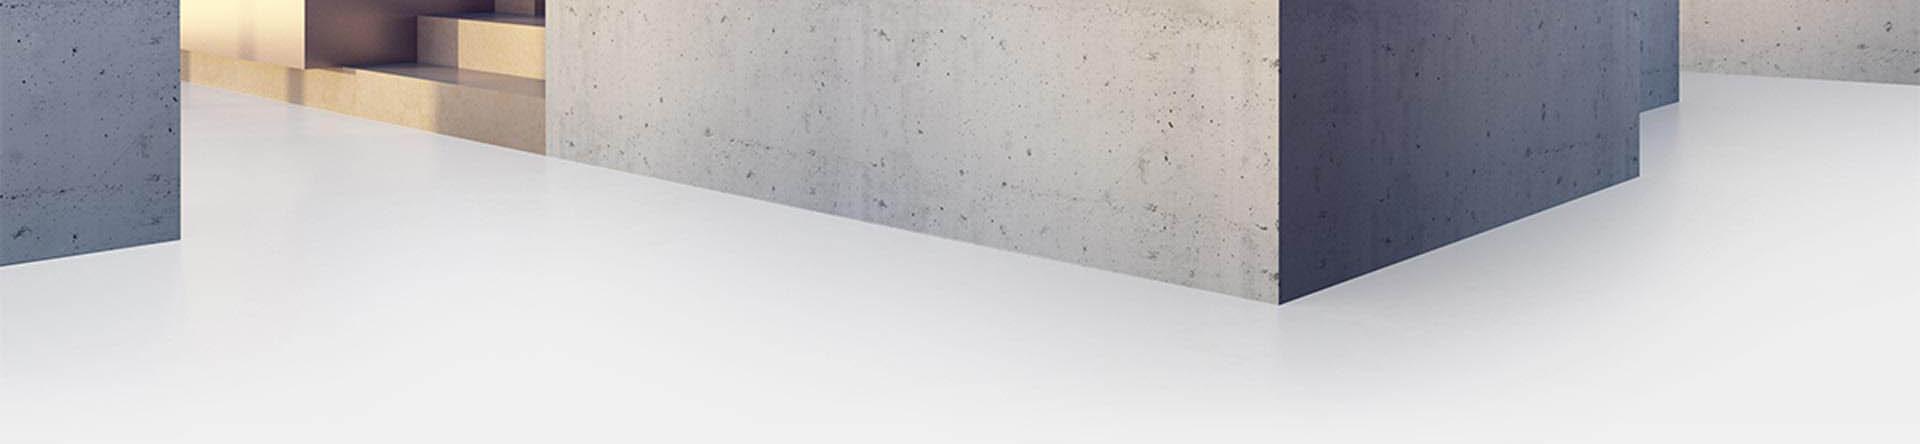 Studio Tecnico Edoardo Colombo per gestire i processi in edilizia